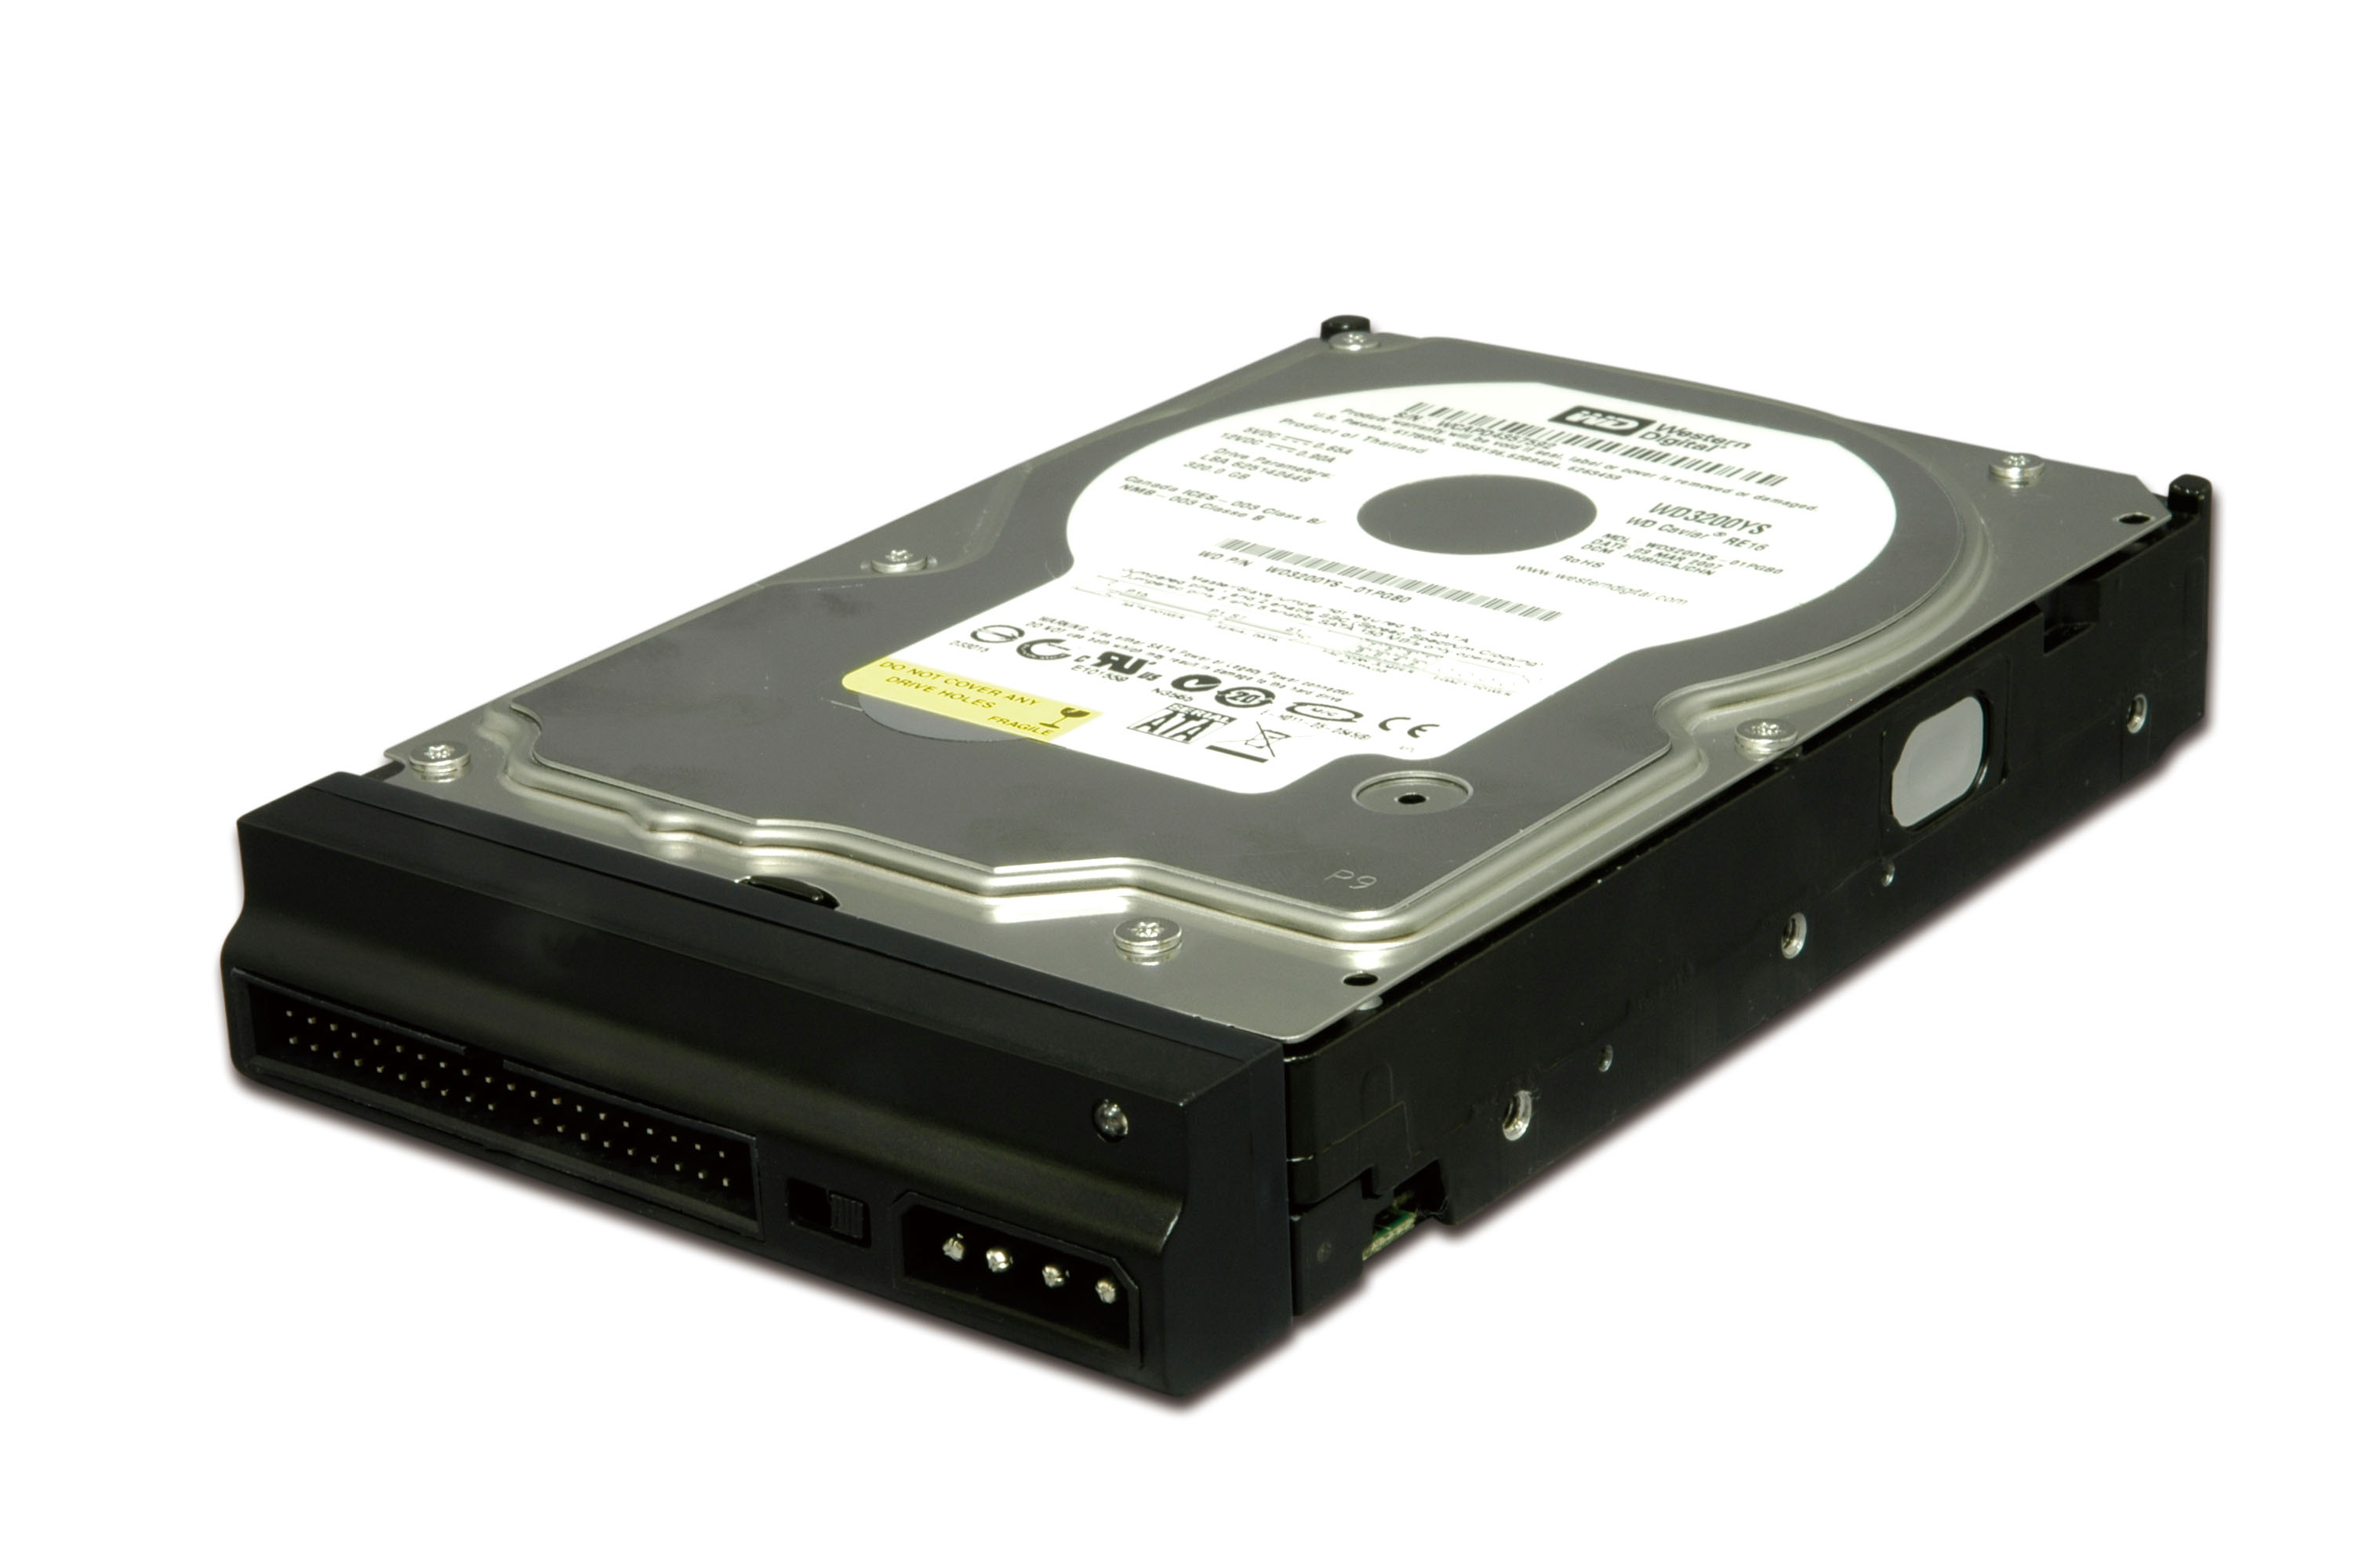 ハードディスクというか、データ